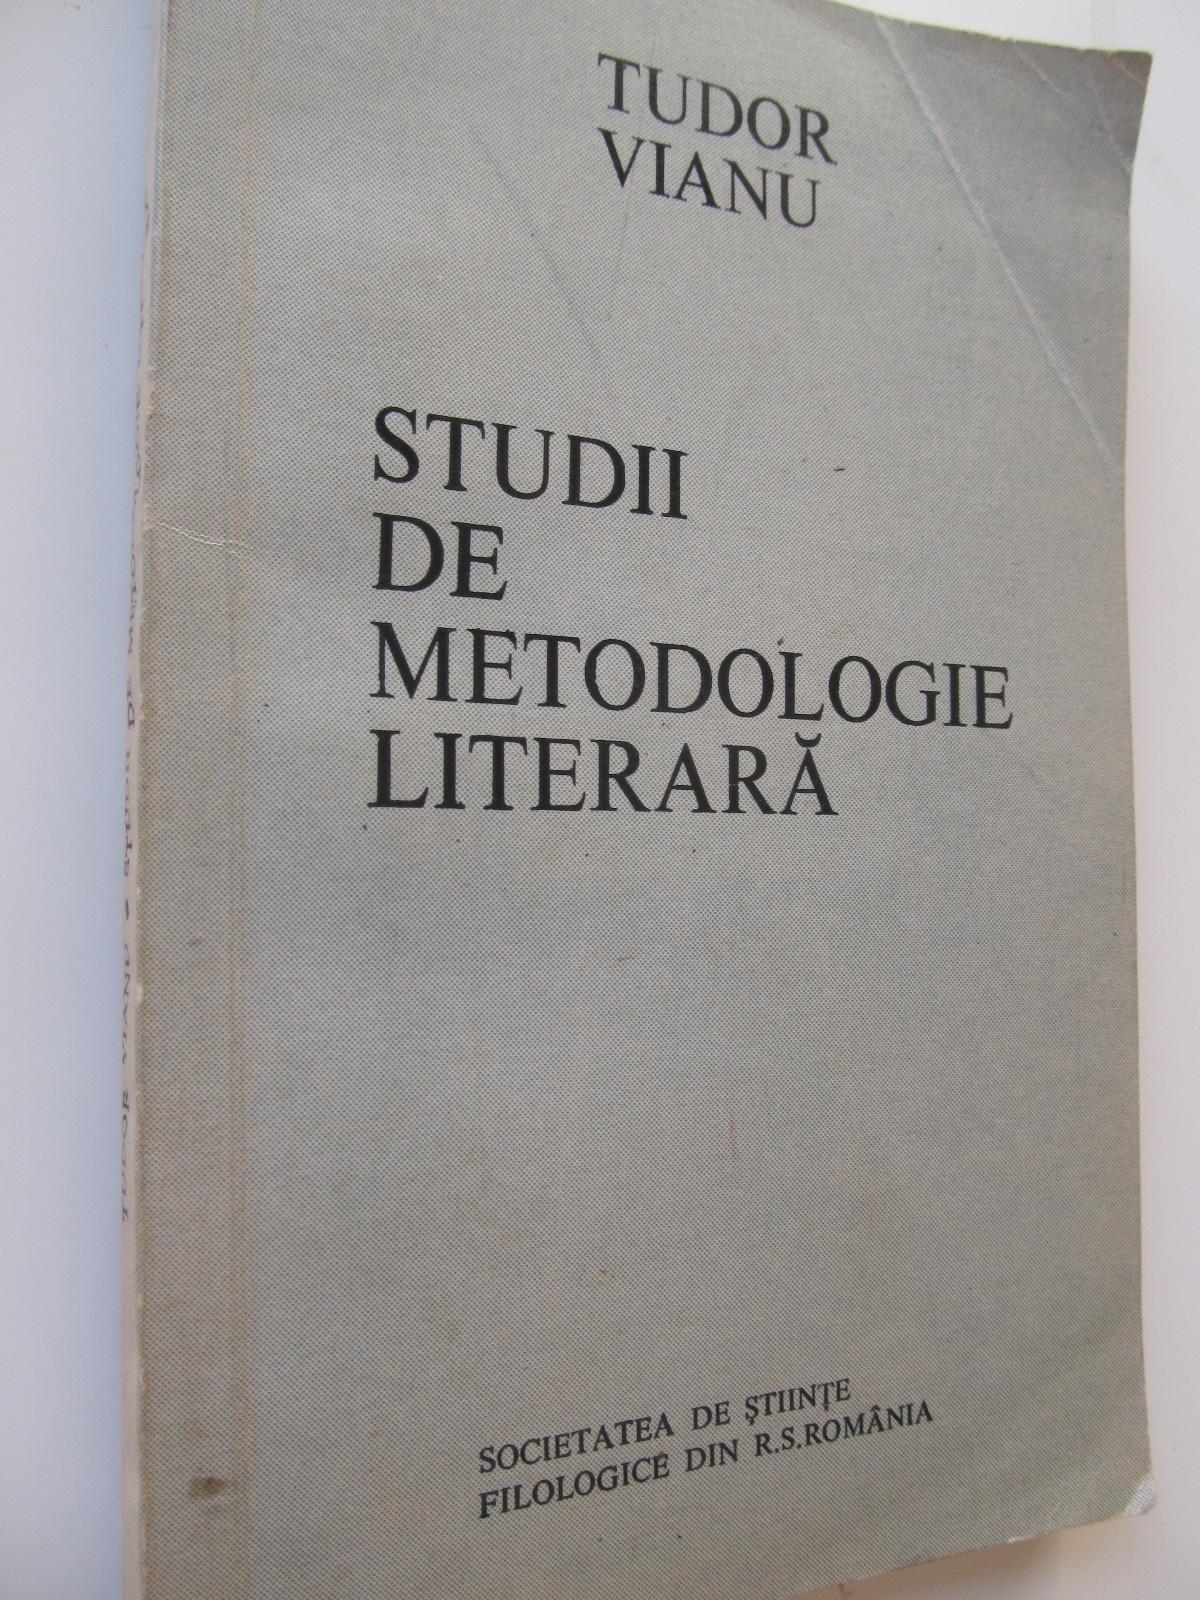 Studii de metodologie literara - Tudor Vianu | Detalii carte